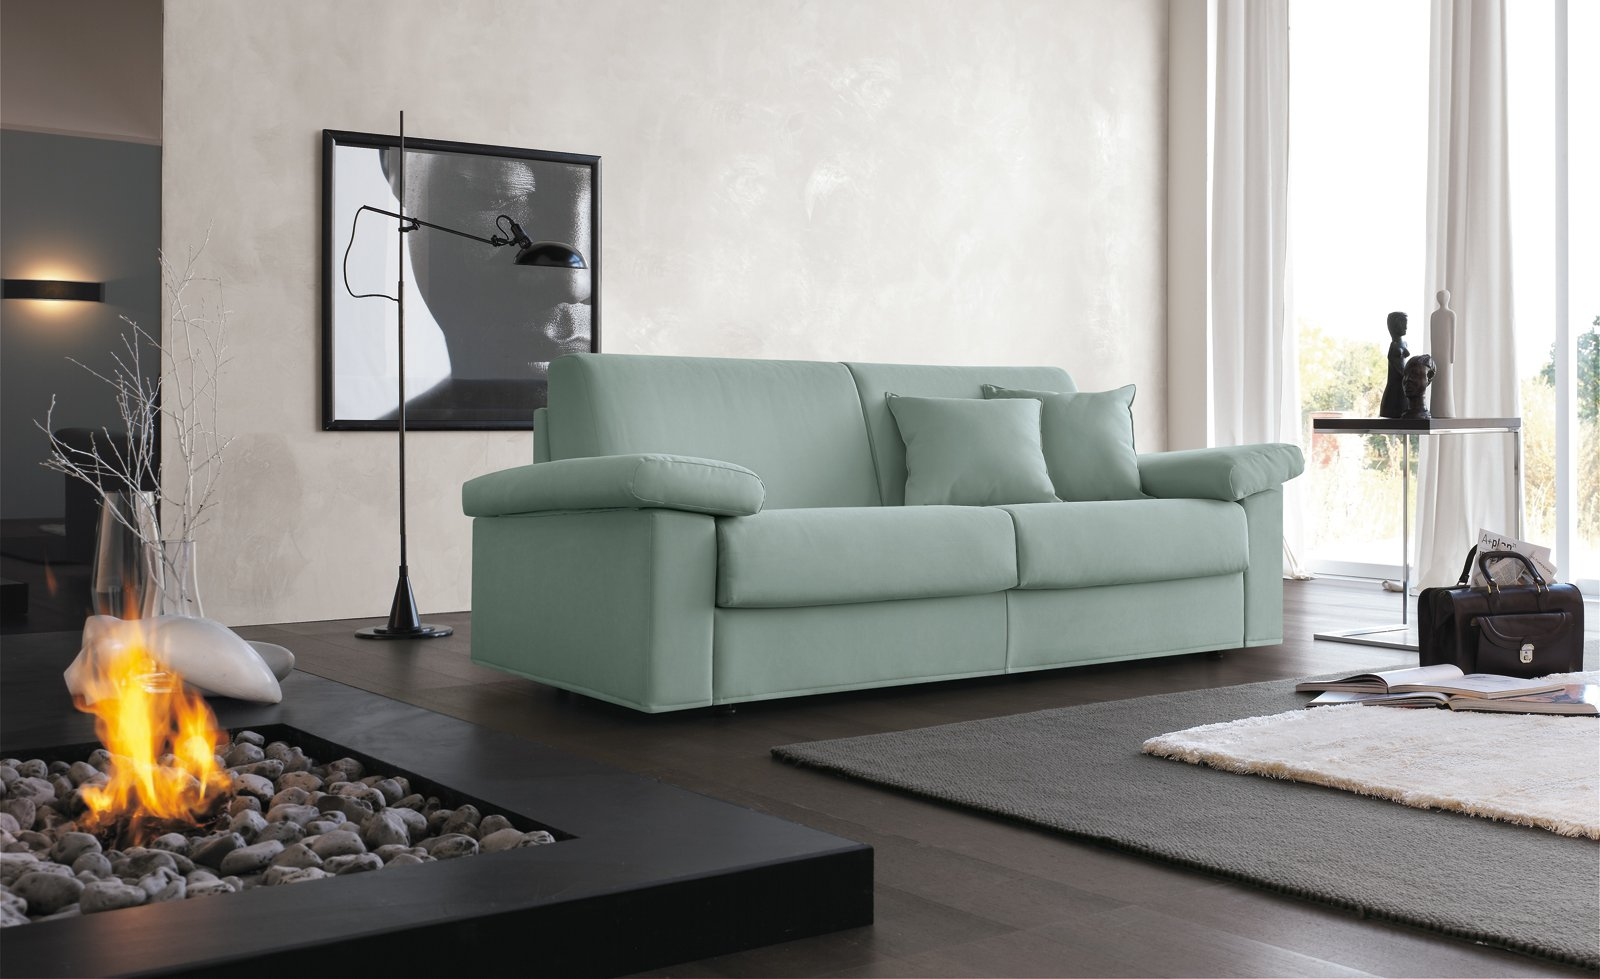 Divani letto per risparmiare spazio cose di casa for Divani salotti